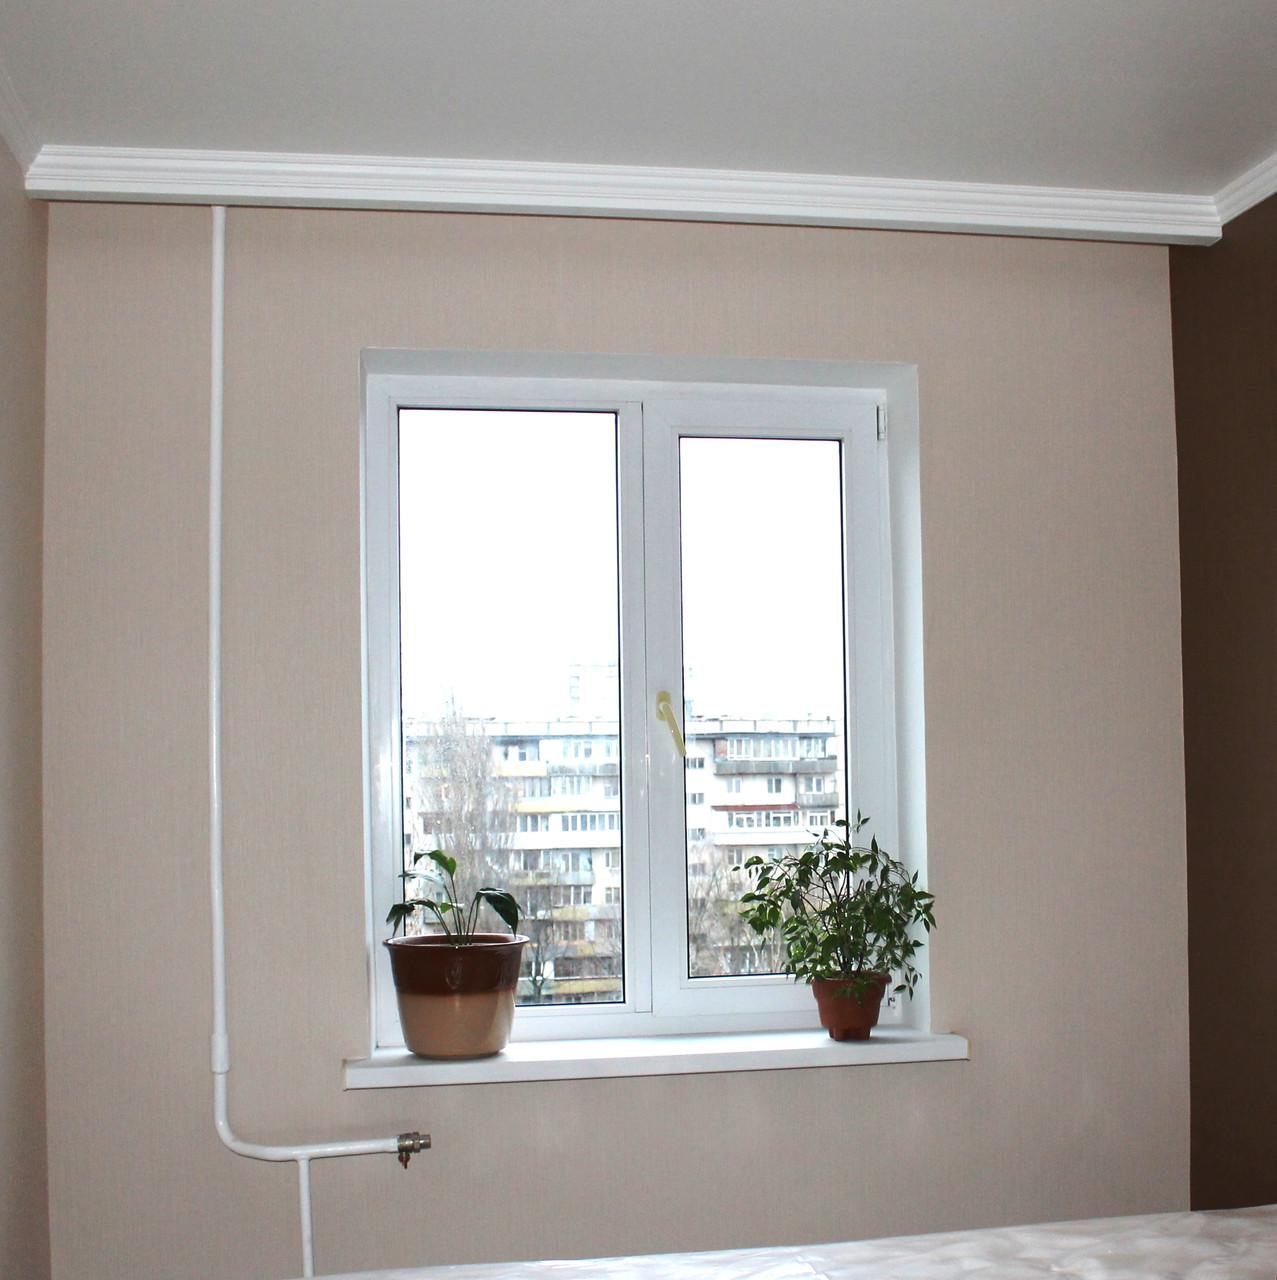 Гипсокартонные откосы на двух-створчатое окно